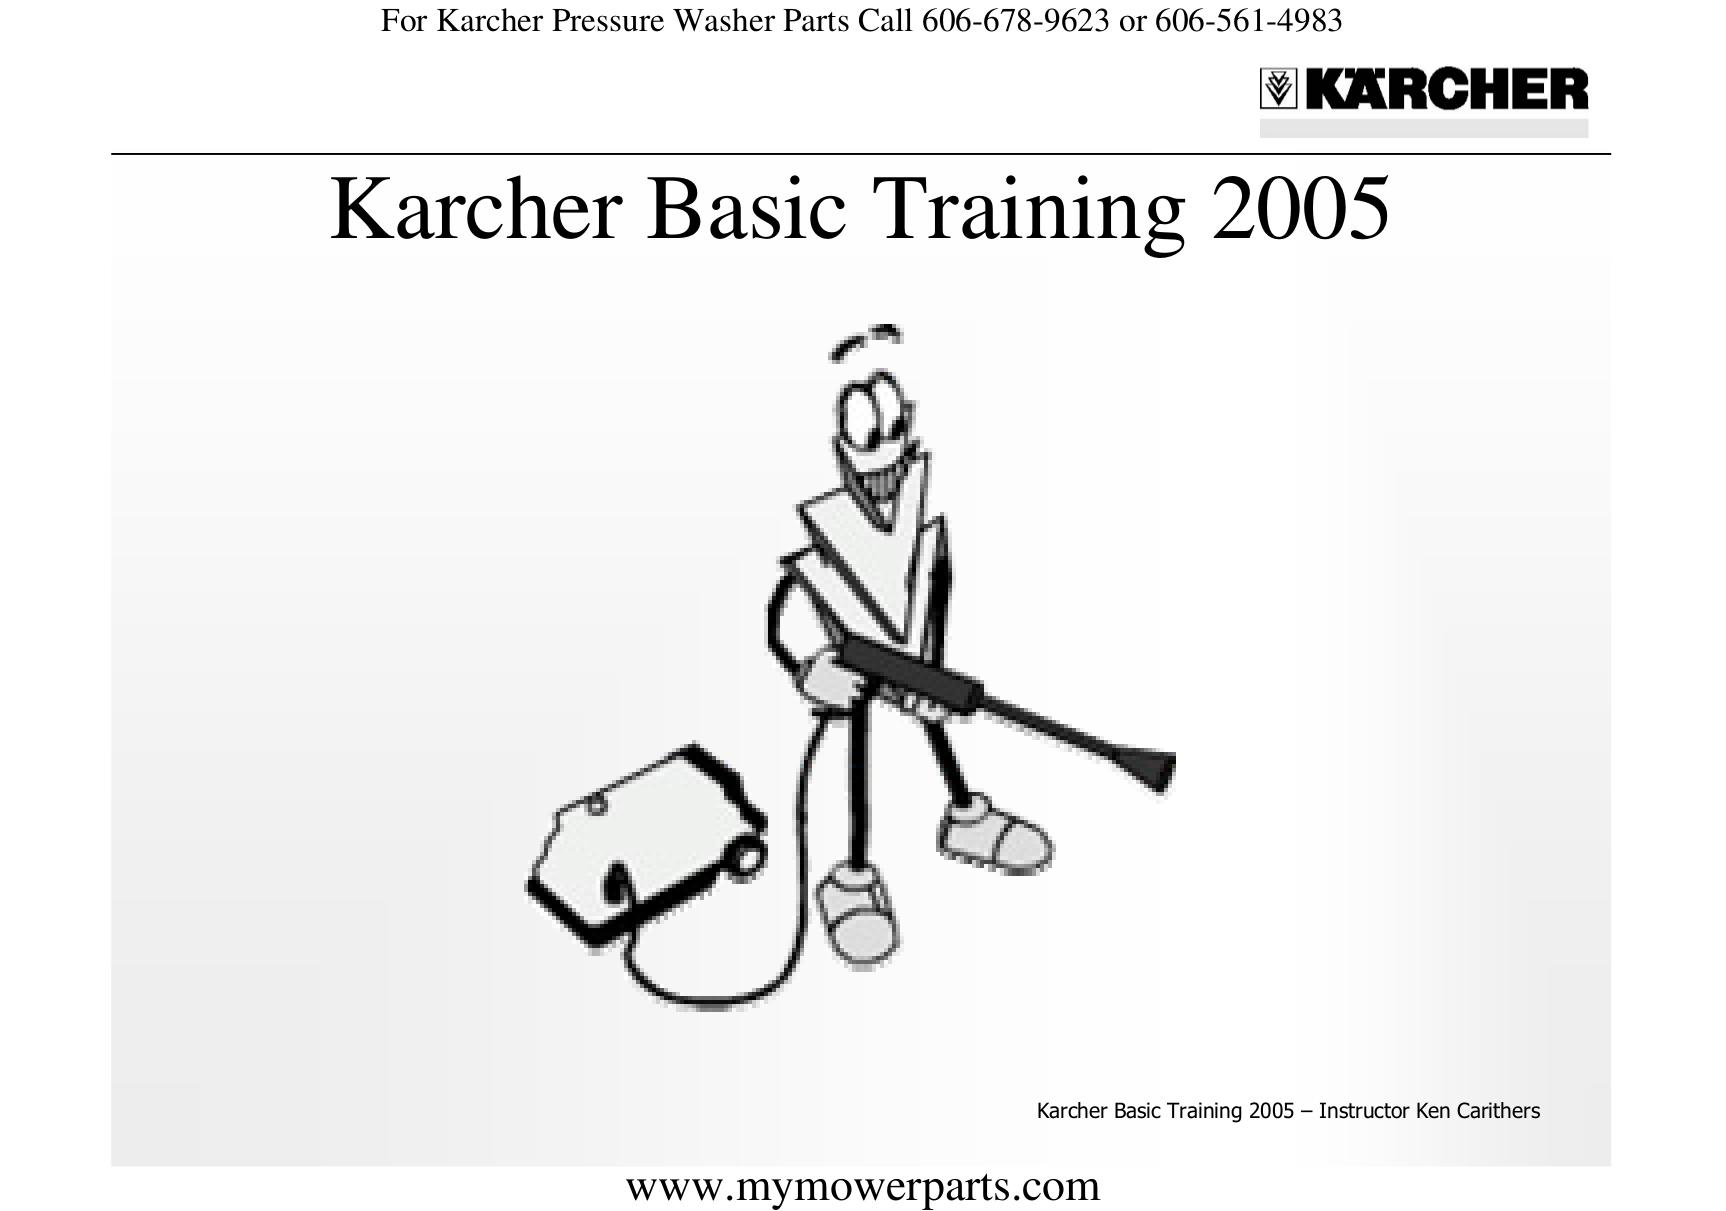 download free pdf for karcher k 1800 g pressure washers other manual karcher 2400 pressure washer parts pdf for karcher other k 1800 g pressure washers manual